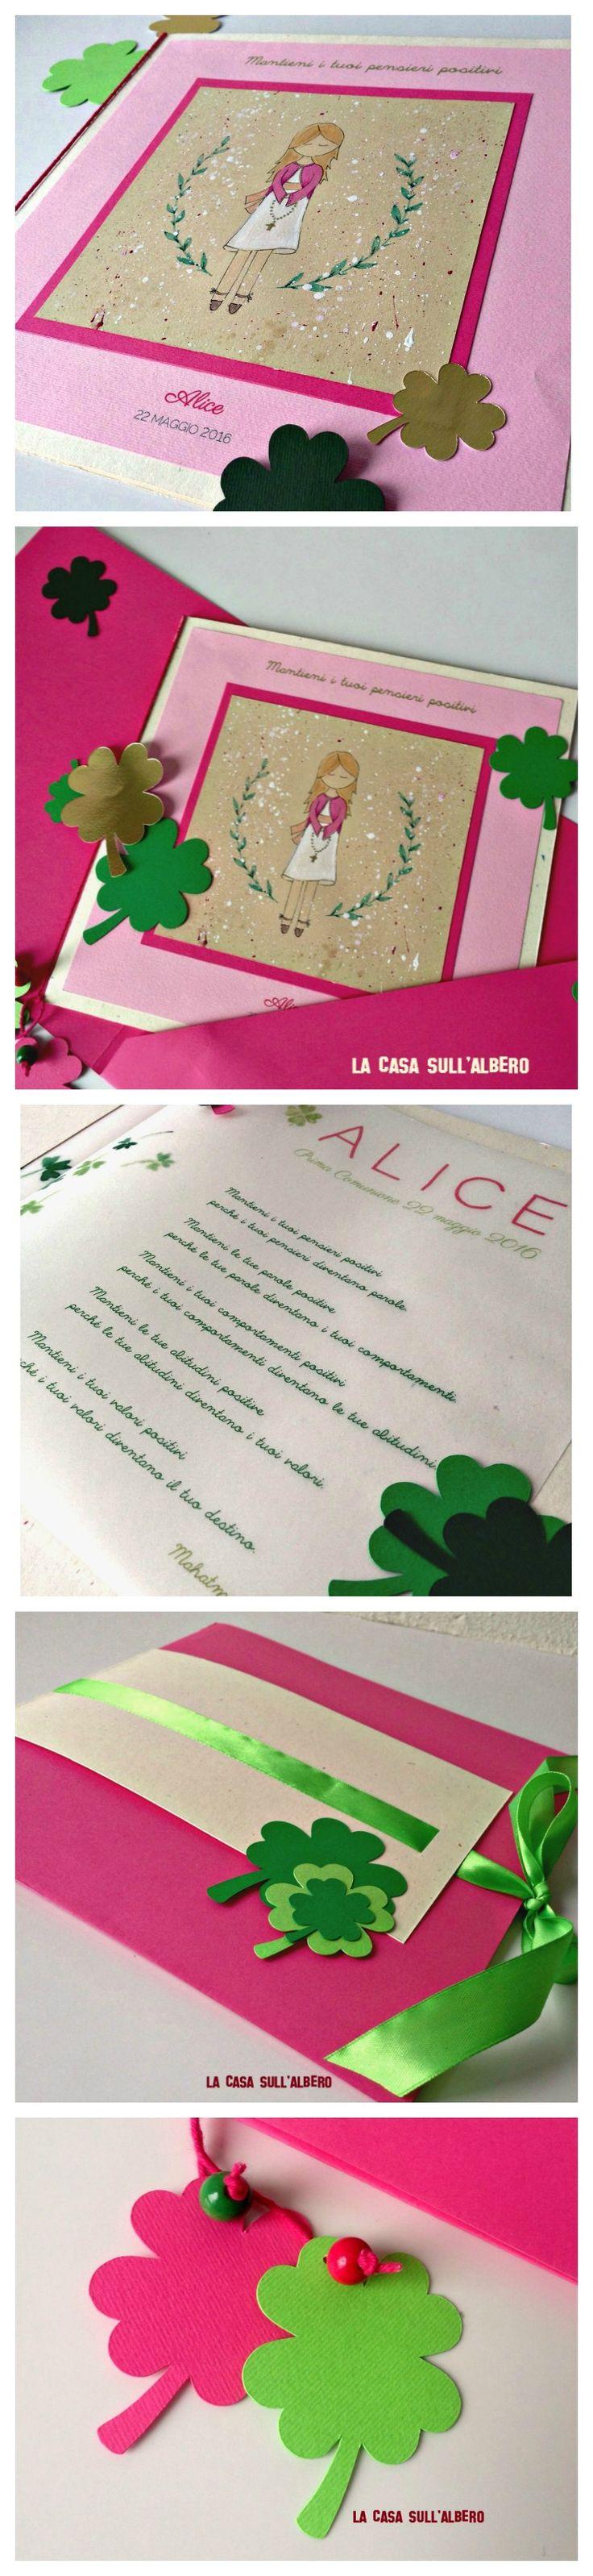 Auguri ad Alice, nel giorno della sua Prima Comunione. #cards #auguripersonalizzati #happygirl #handmadewithcare #fattoamano #madeinitaly #quadrifoglio #primacomunione #pensieripositivi #evento